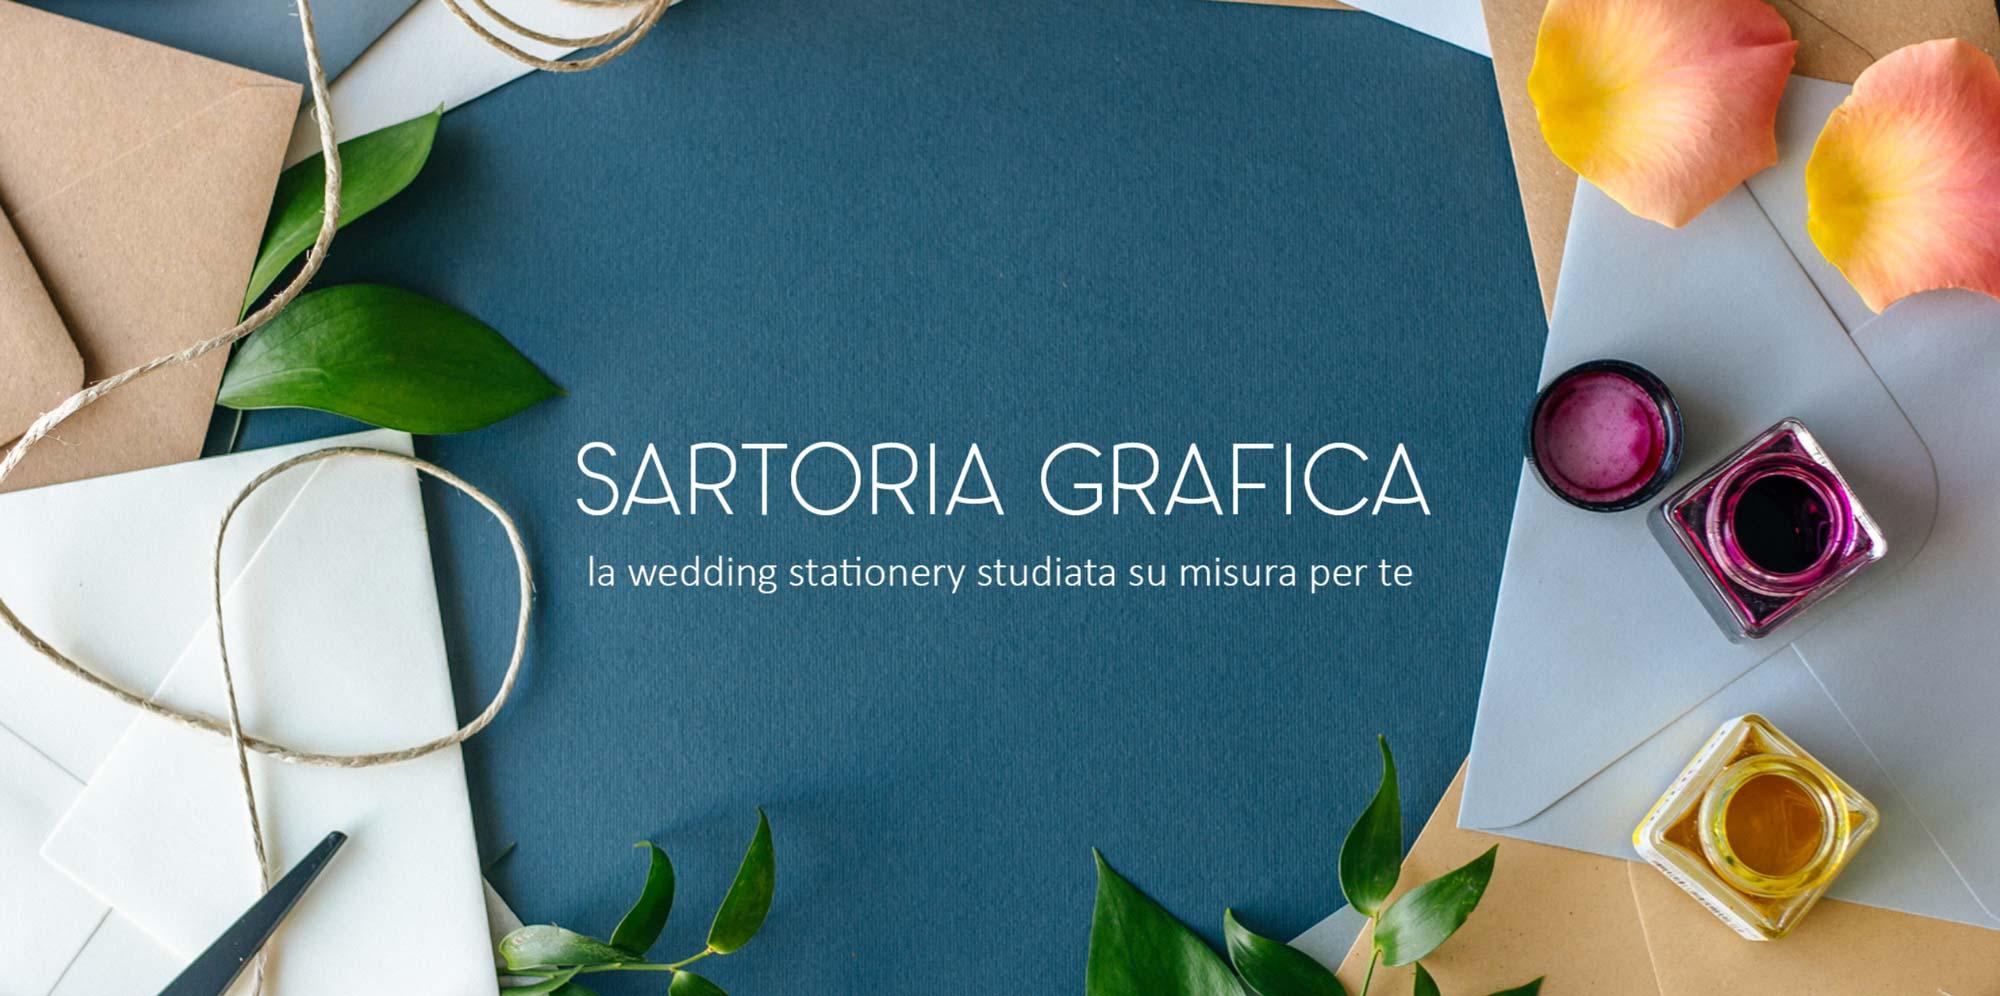 Timbri Personalizzati Per Stoffa sartoria grafica - letteraventidue